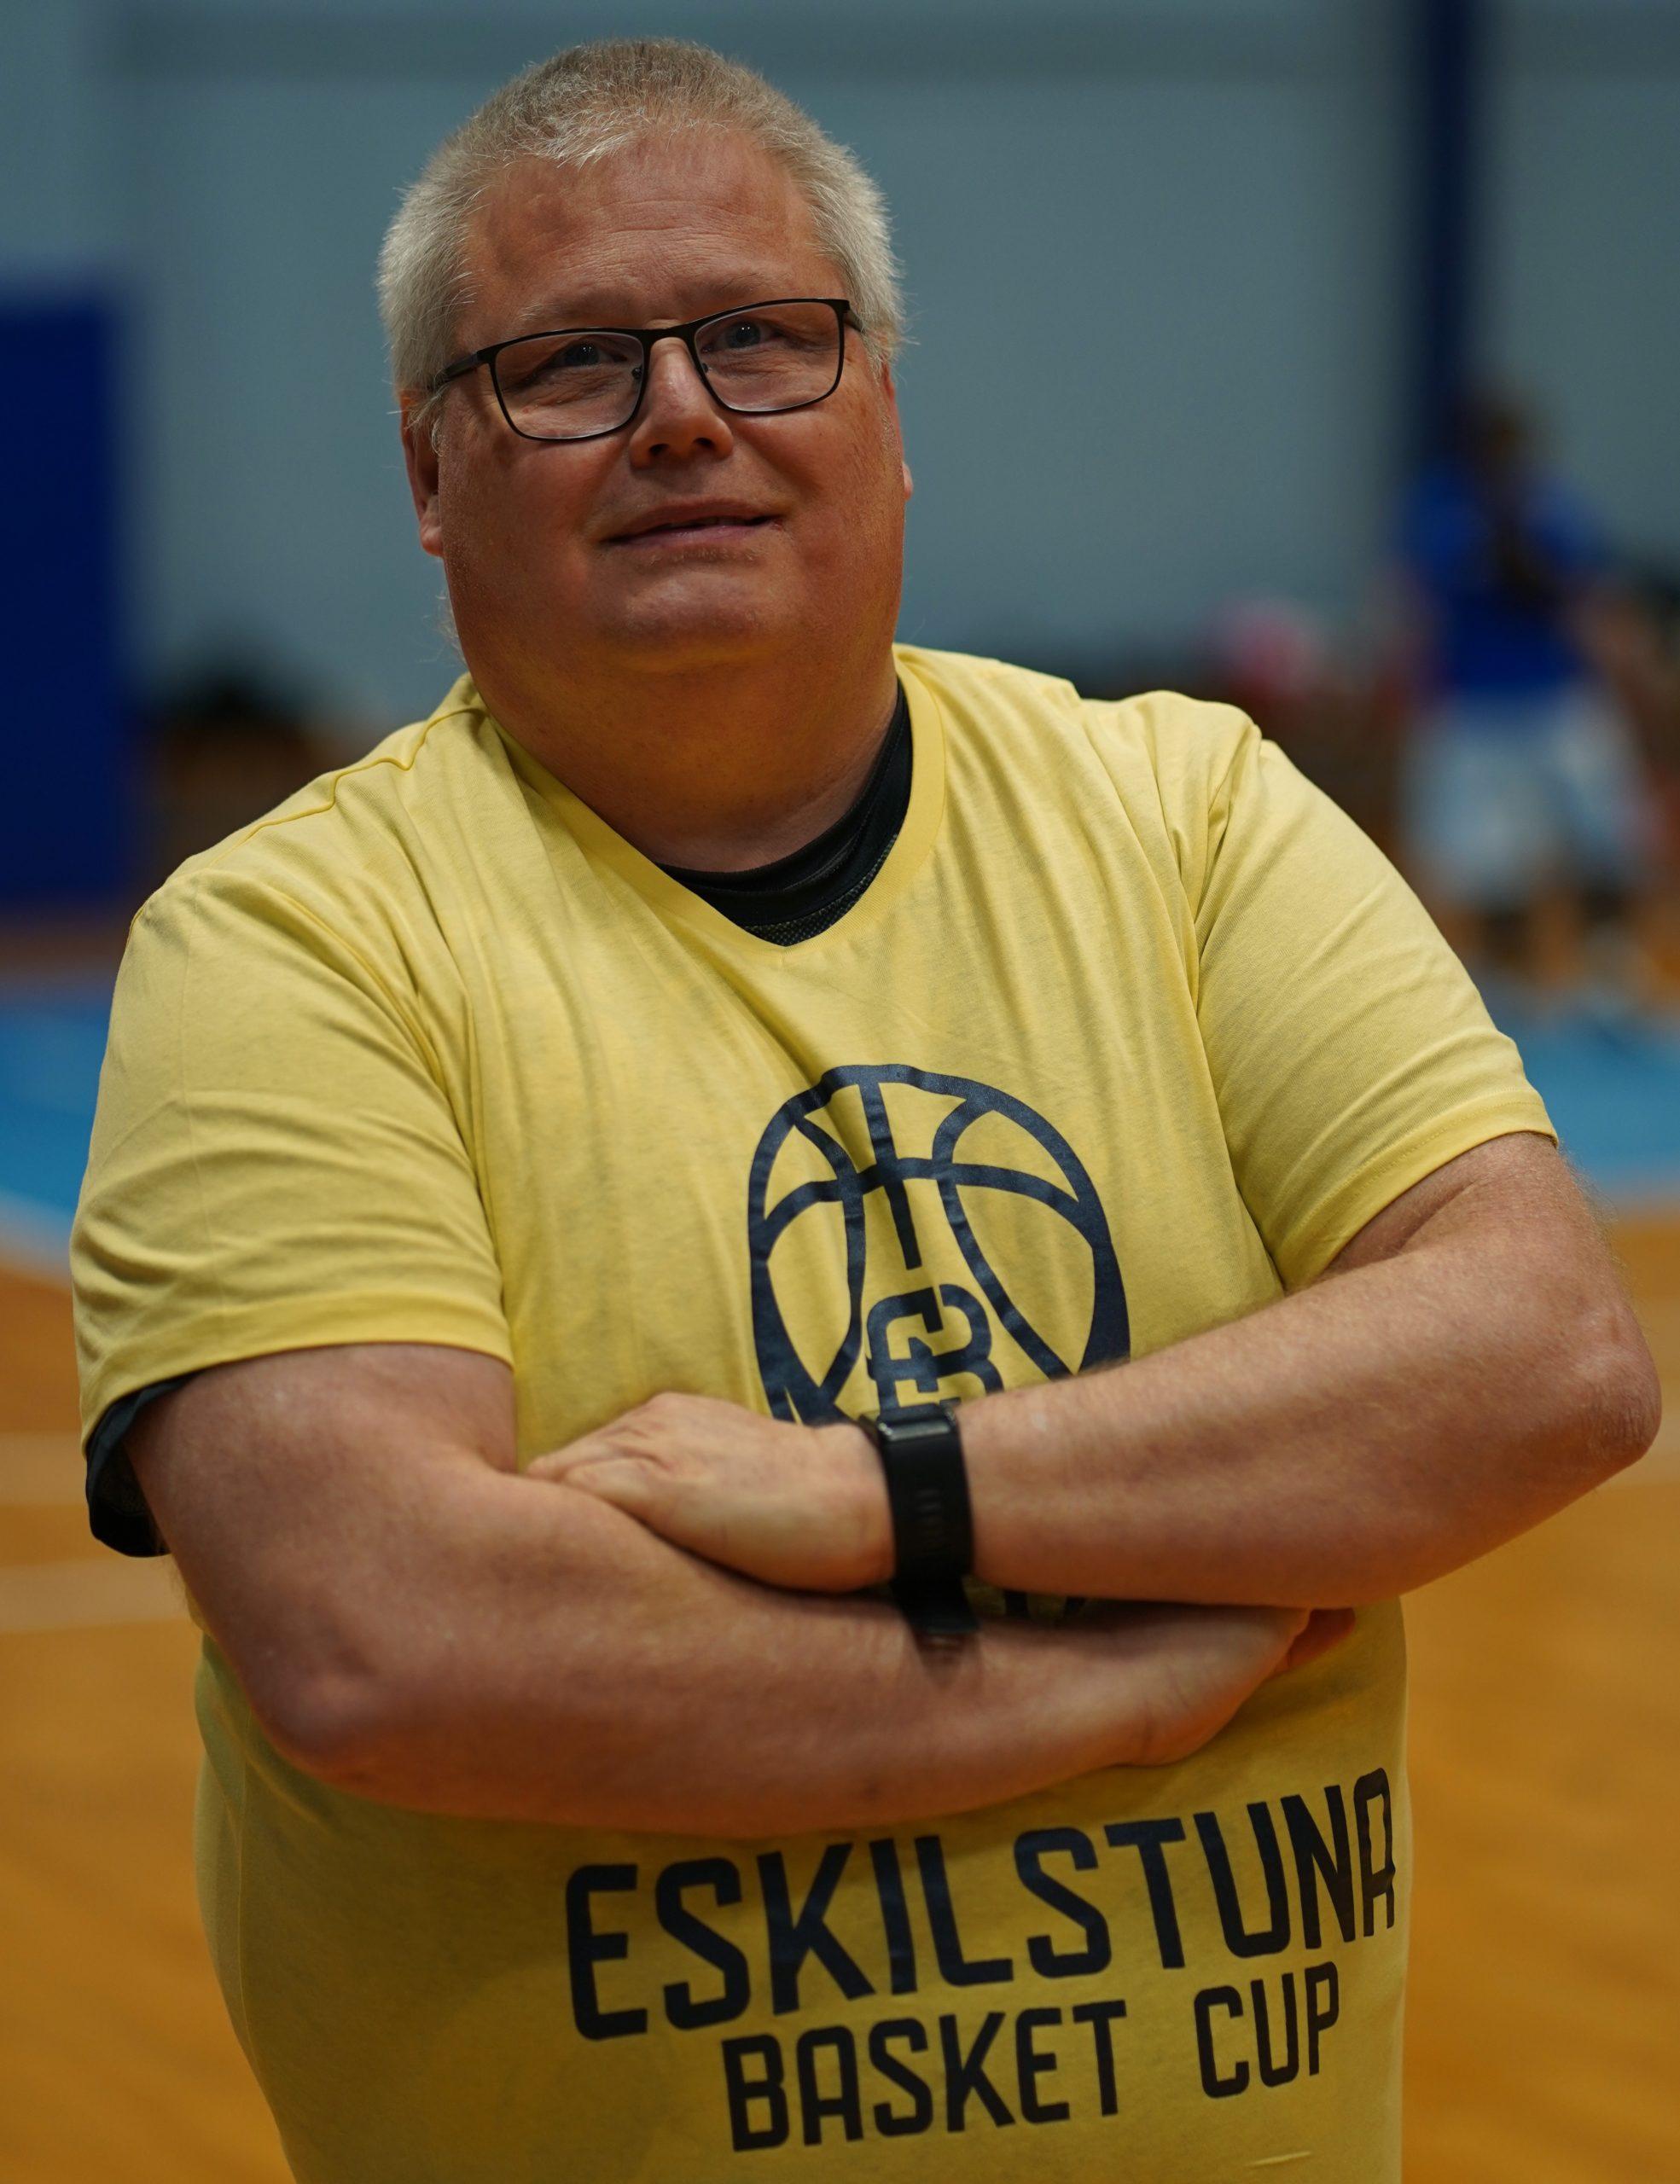 Roland Busk